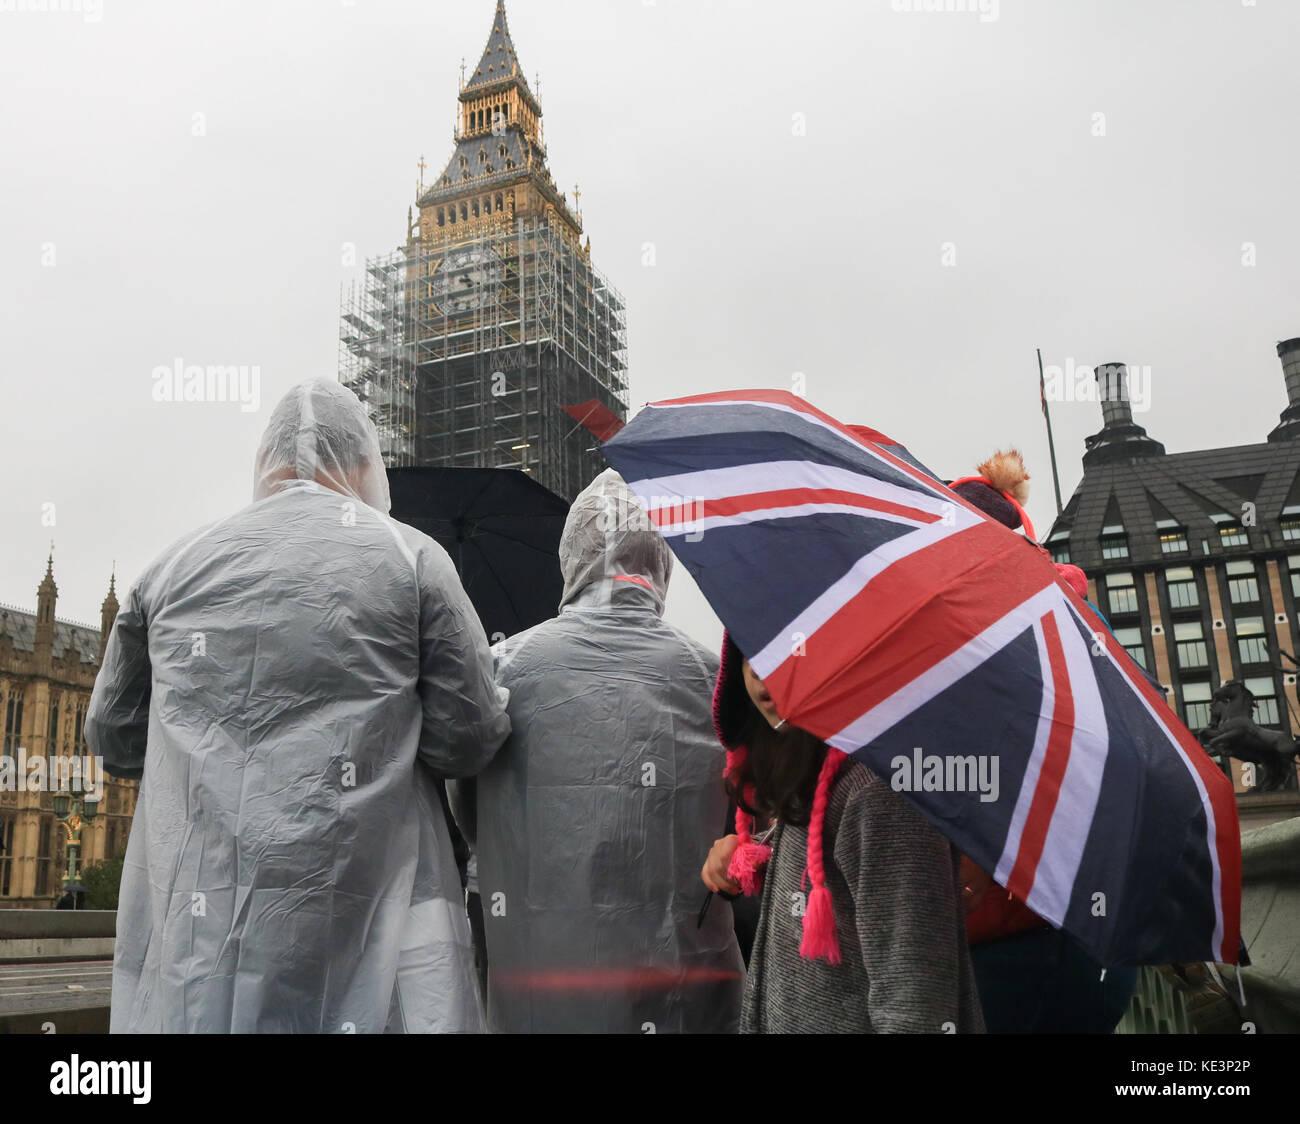 Rainy Day In London Stock Photos & Rainy Day In London ...